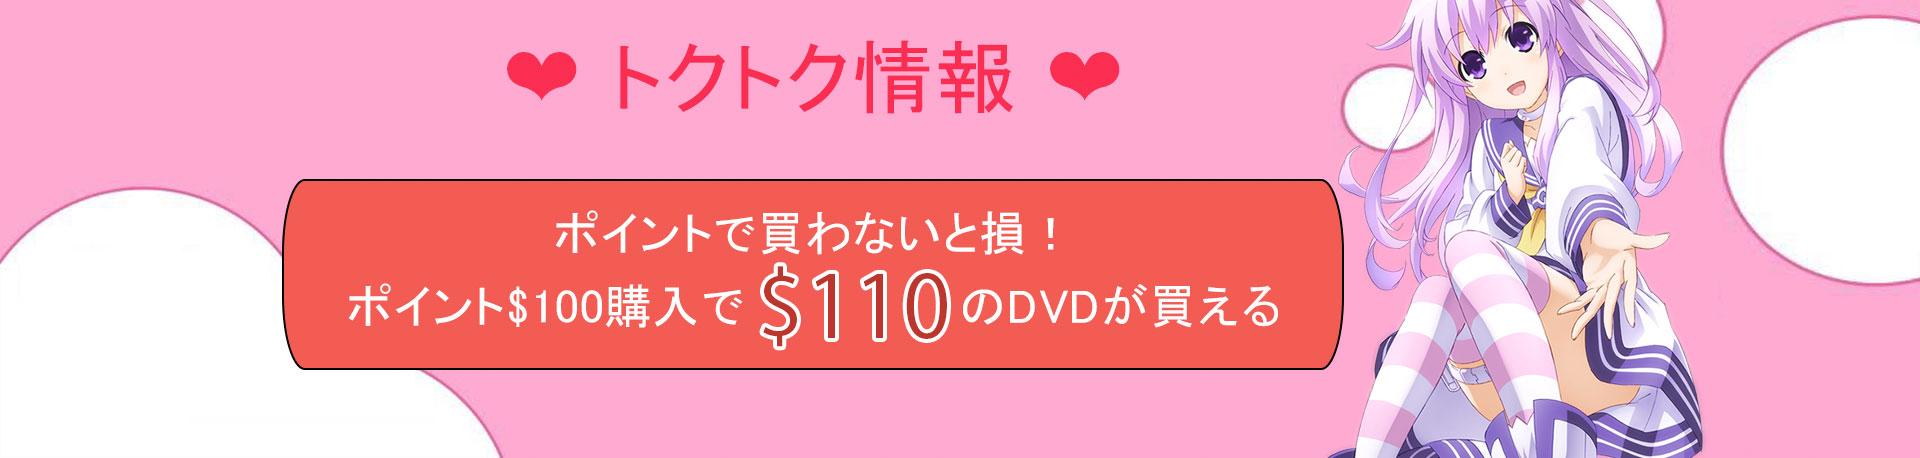 裏DVDマリアポイント